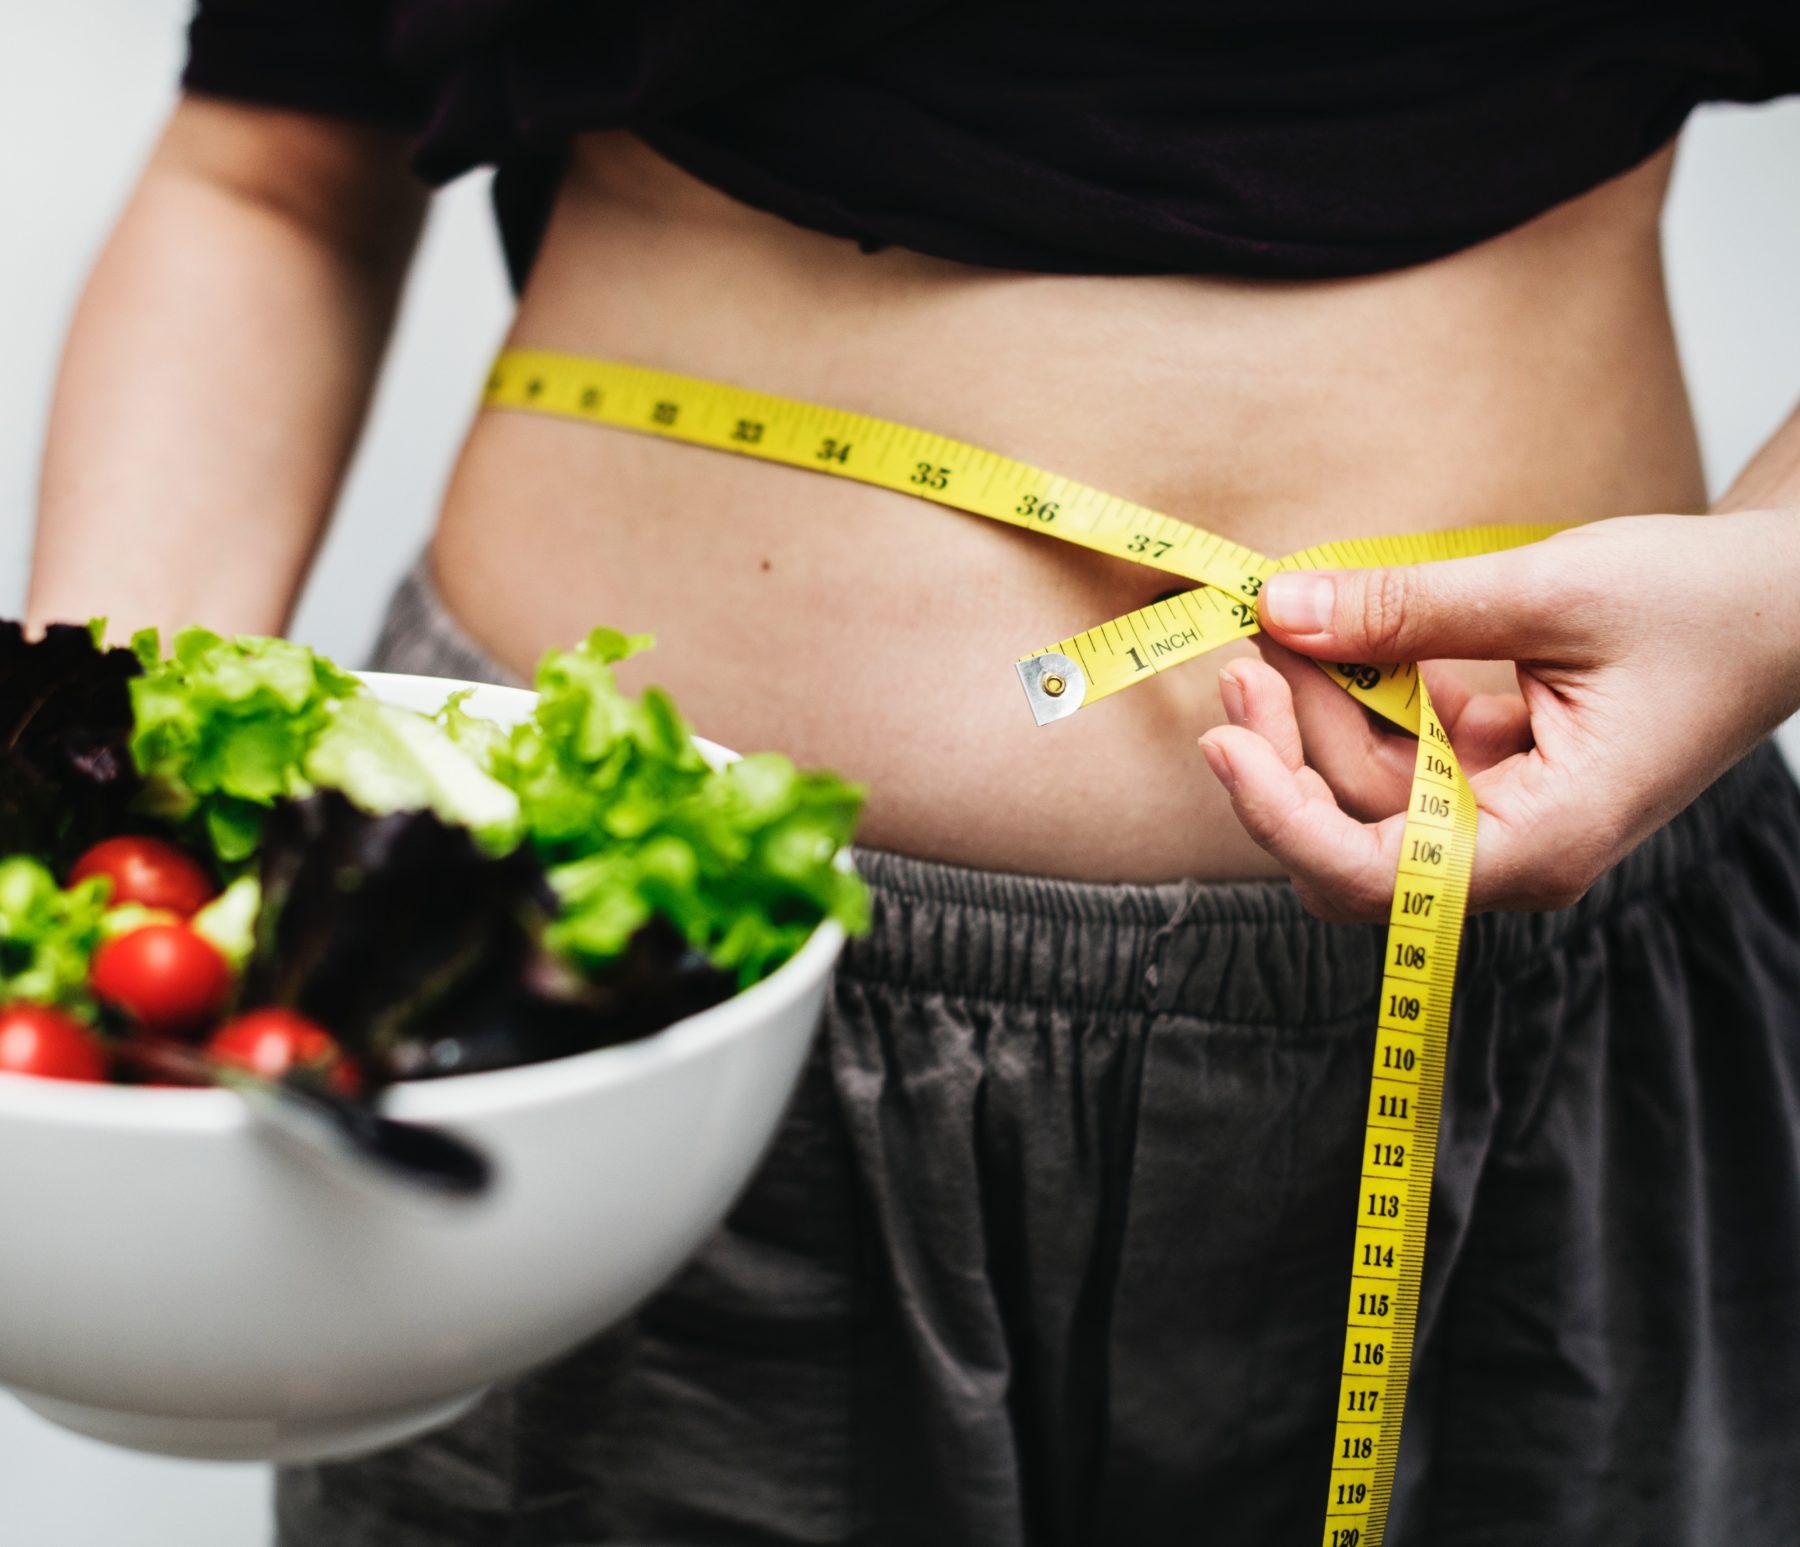 Dieta ideal para la salud y la pérdida de peso